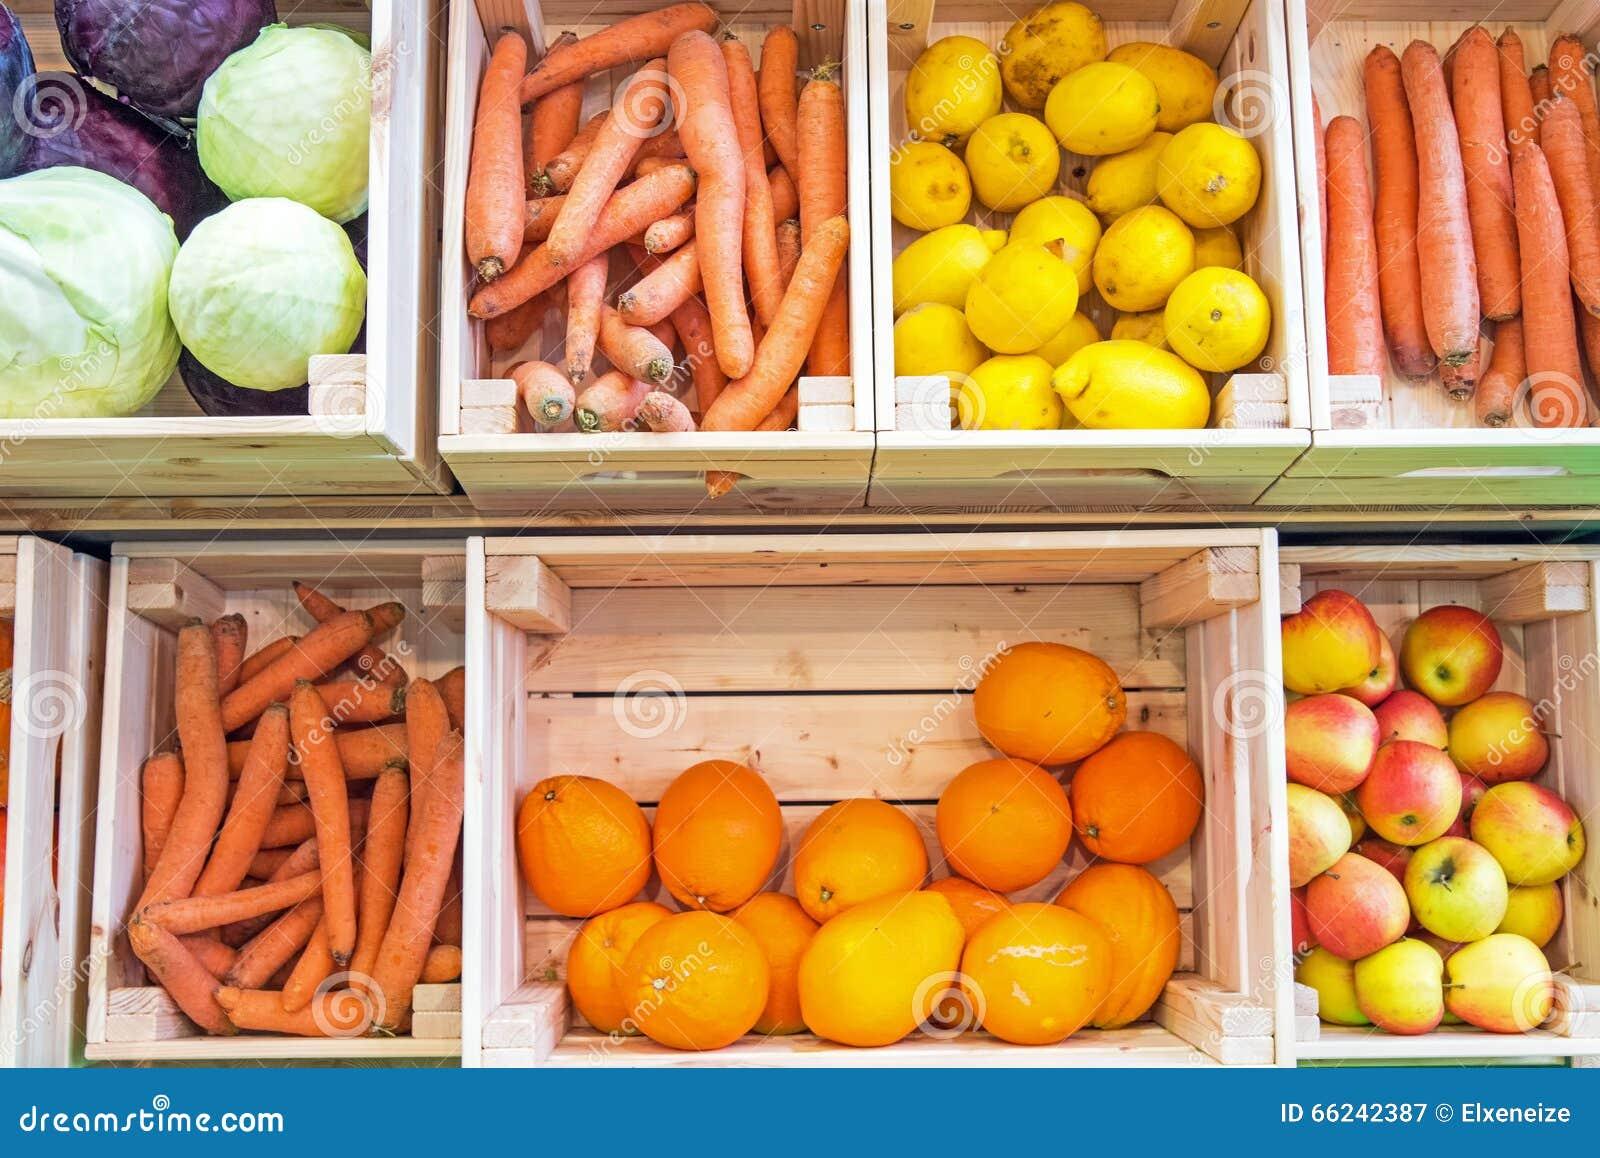 Frutas y verduras en cajas de madera imagen de archivo - Caja de madera fruta ...